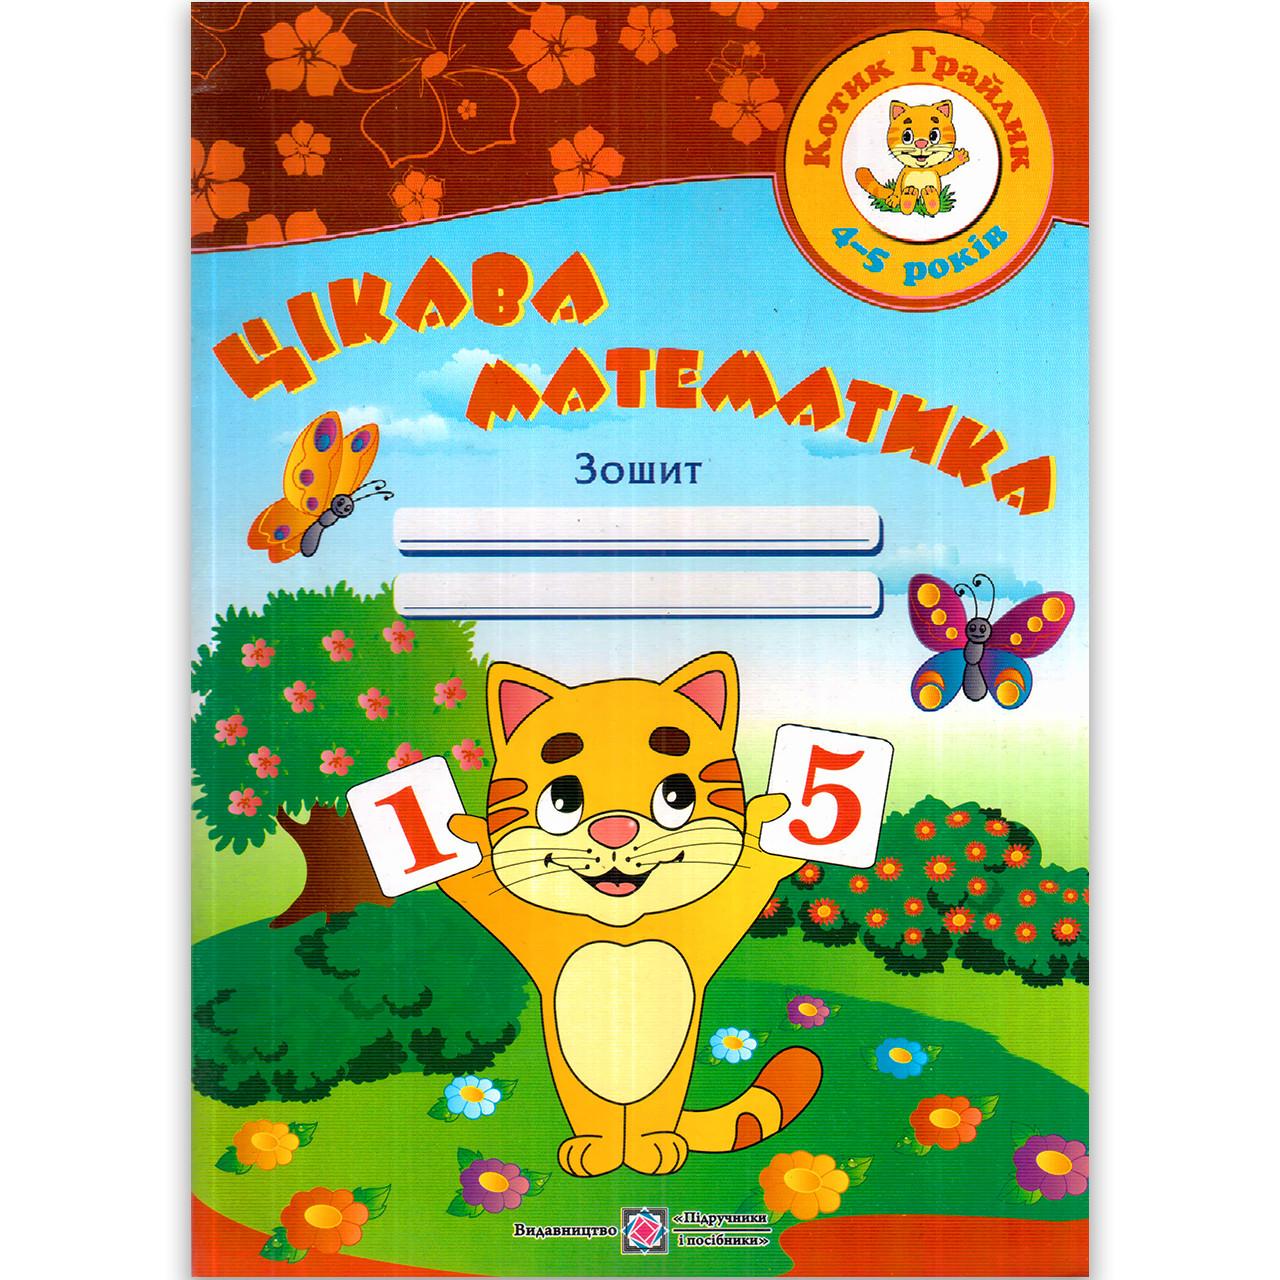 Цікава математика 4-5 років Котик Грайлик Авт: Косован О. Вид: Підручники і Посібники